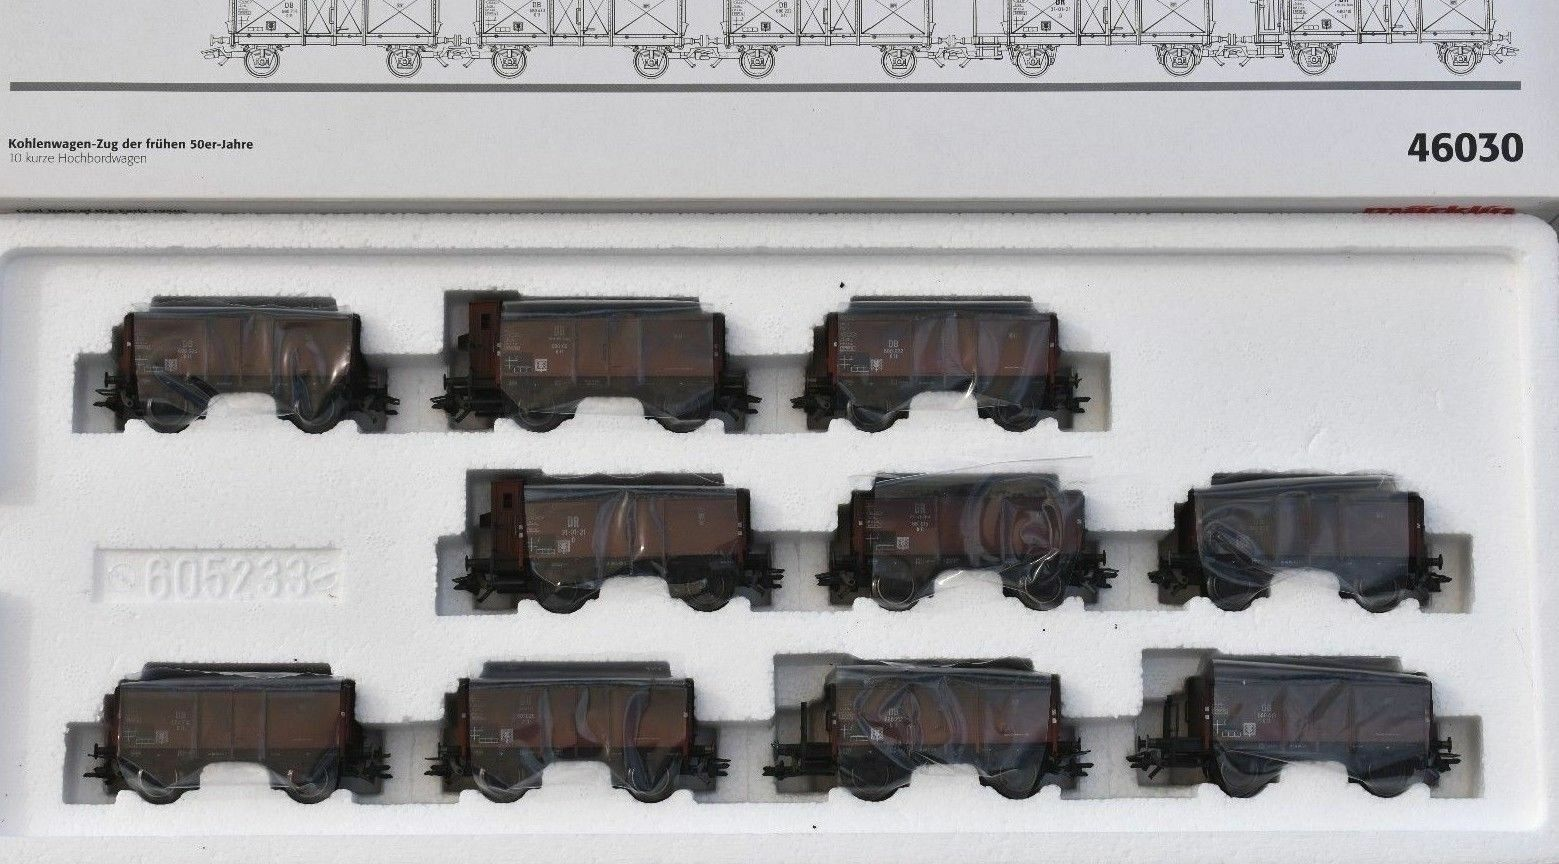 MÄRKLIN 46030 Kohlenwagen-Zug mit 10 kurze Hochbordwagen